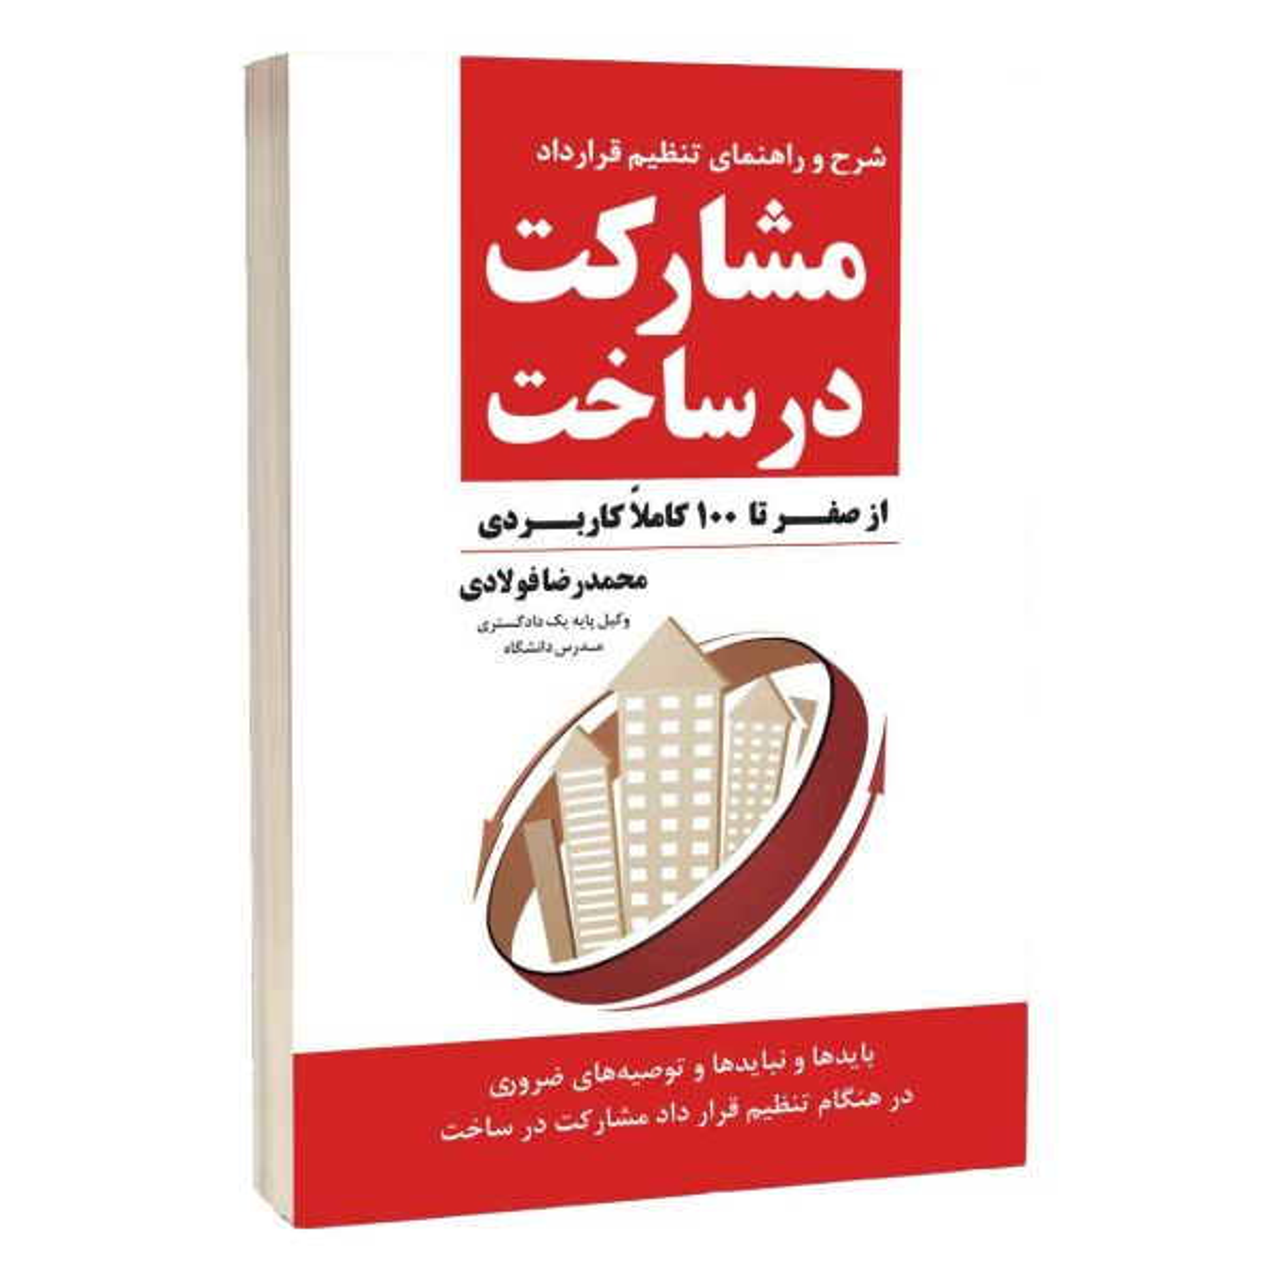 کتاب راهنمای تنظیم قرارداد مشارکت در ساخت و ساز  اثر محمدرضا فولادی